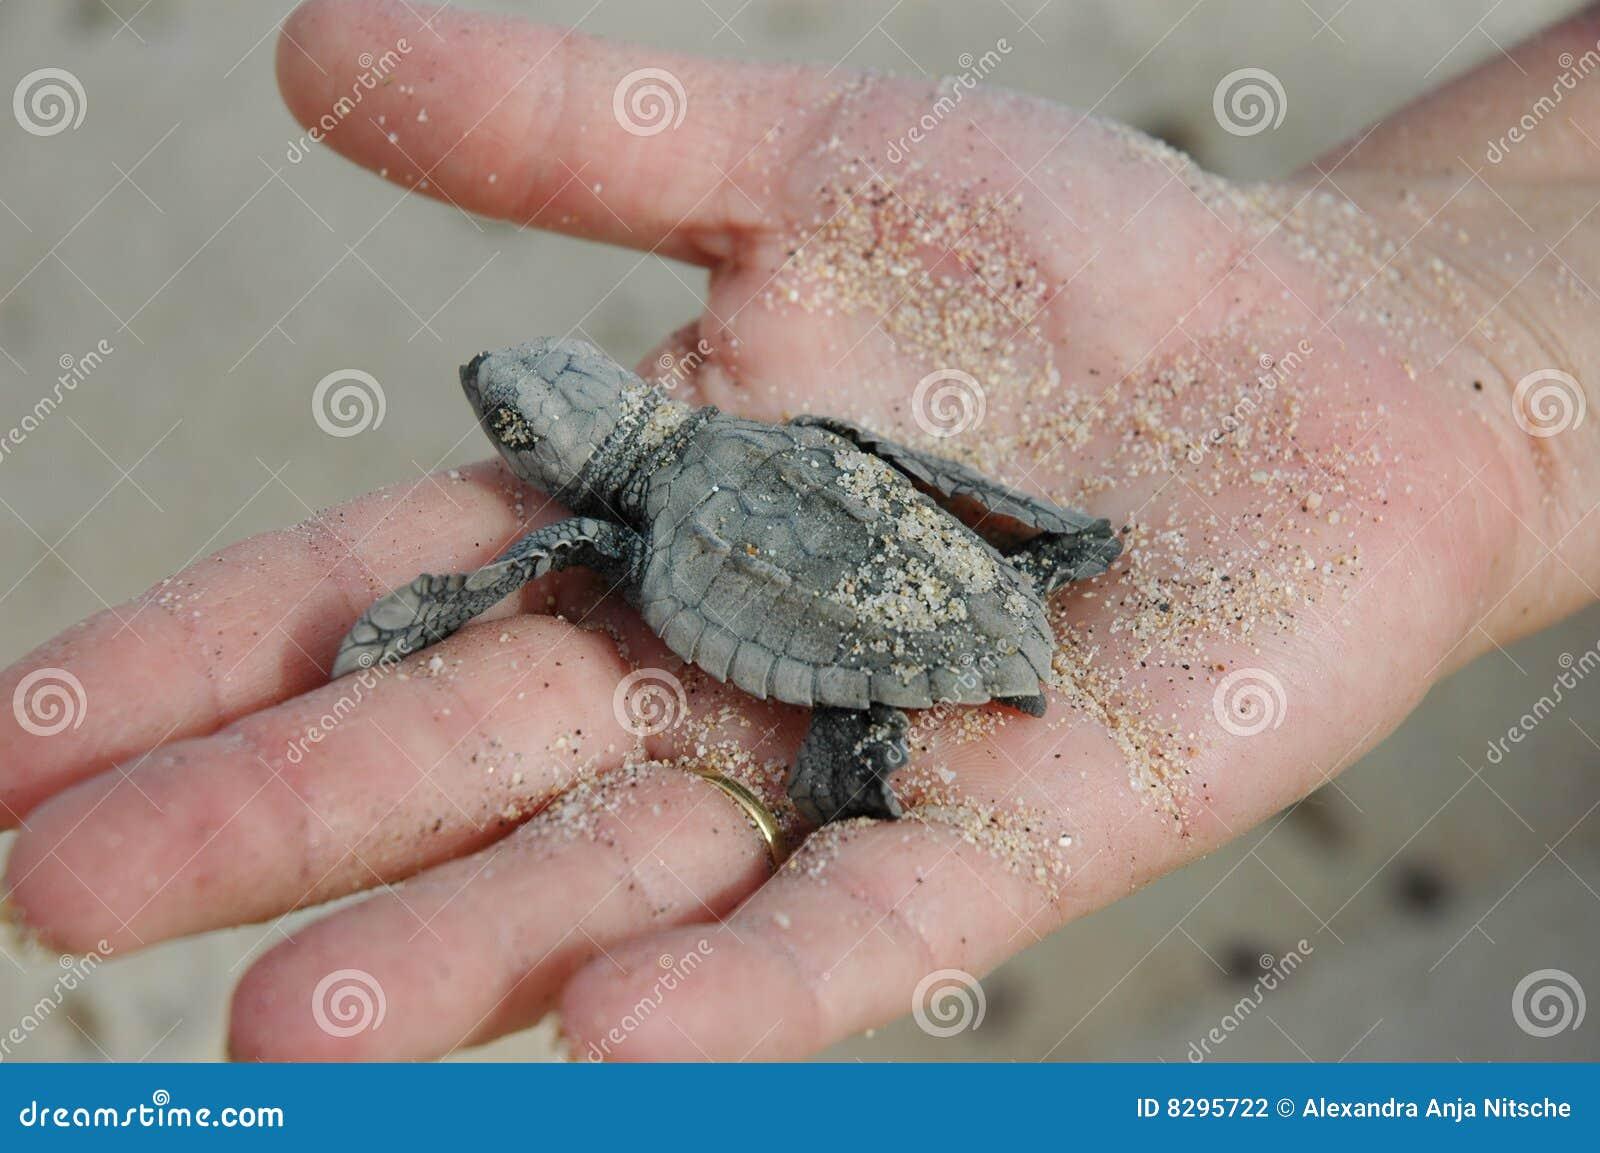 Overzeese Van De Baby Schildpad In De Hand Van De Vrouw